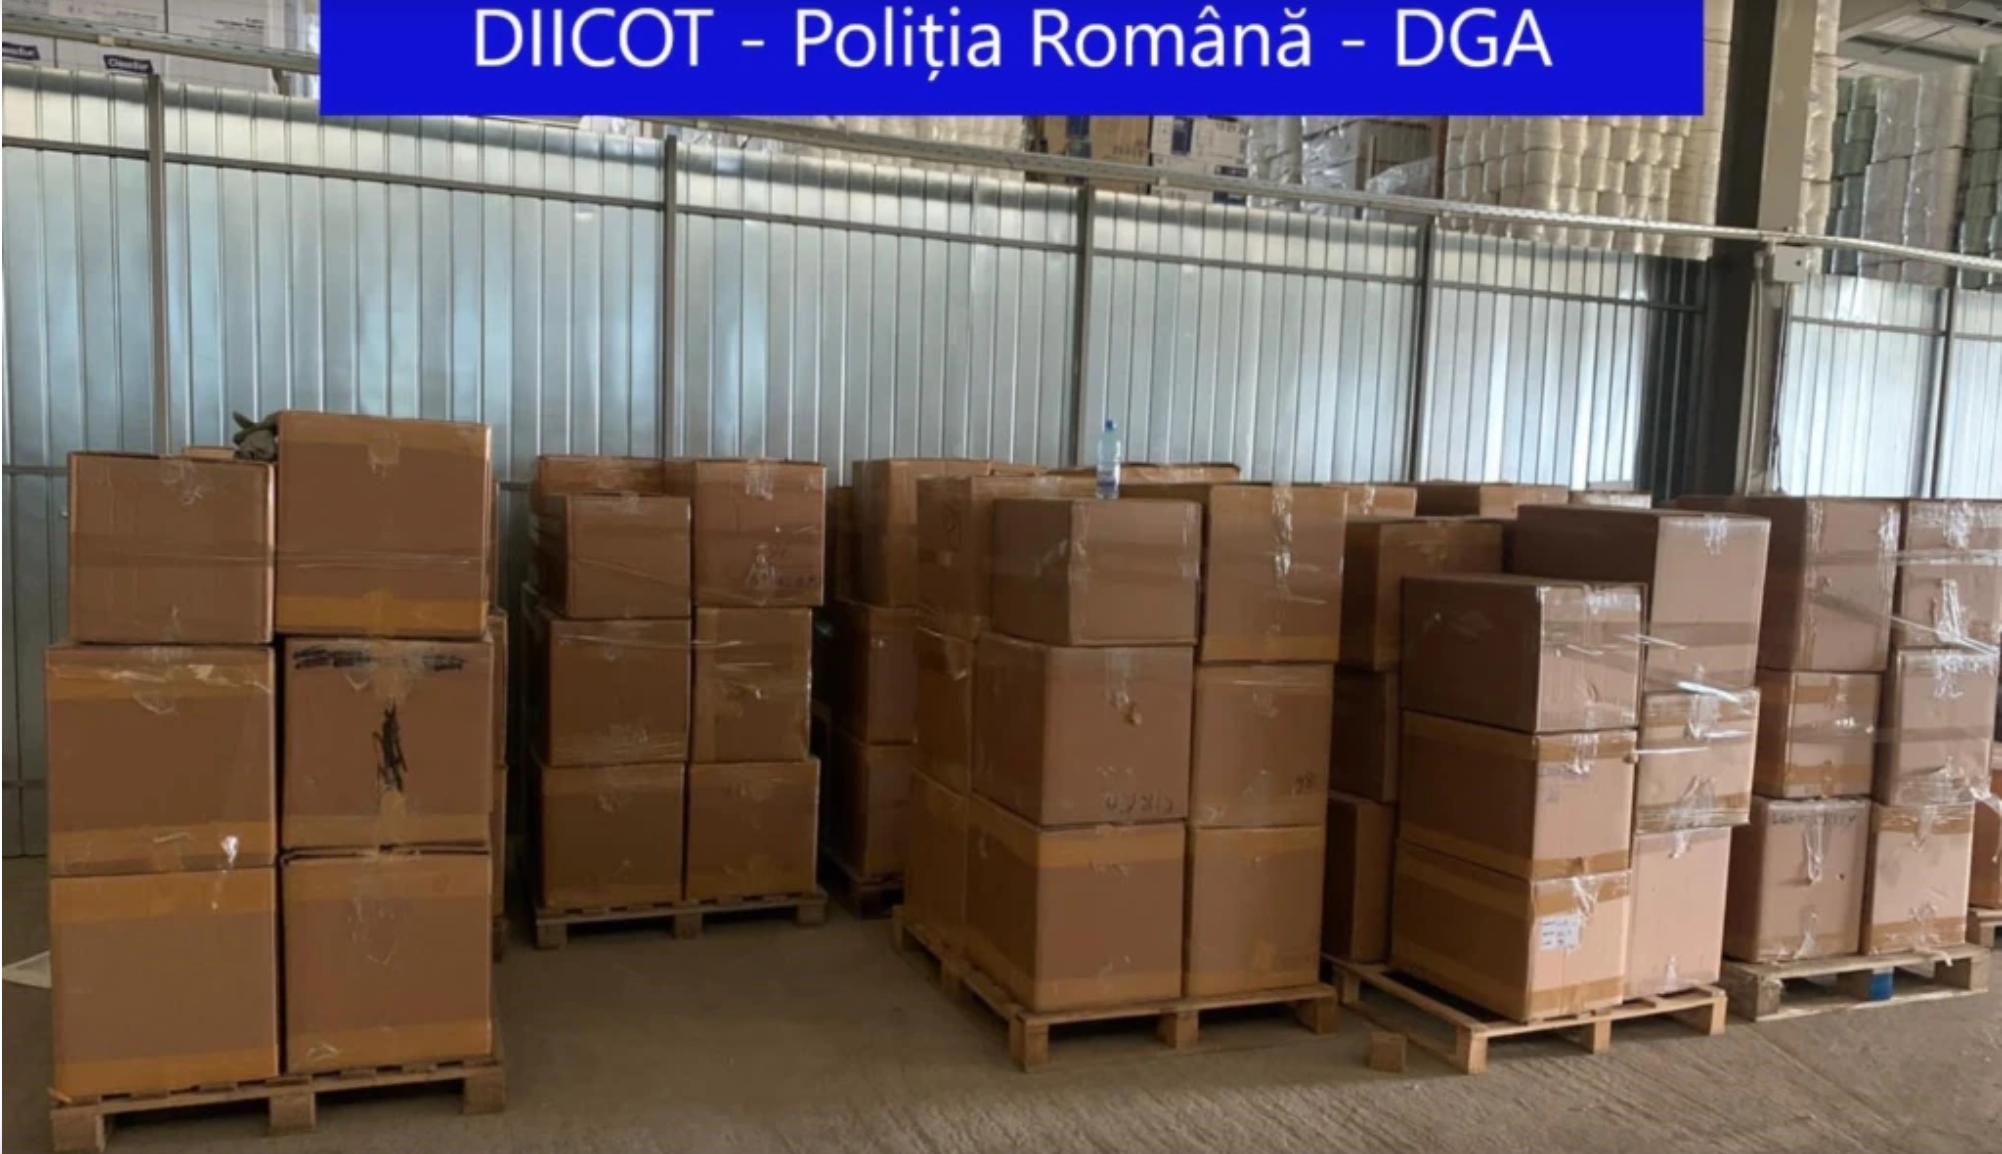 Lovitura DGA la contrabanda cu parfumuri. Cum opera rețeaua de falsuri din Portul Constanța sub protectia vamesilor si politistilor